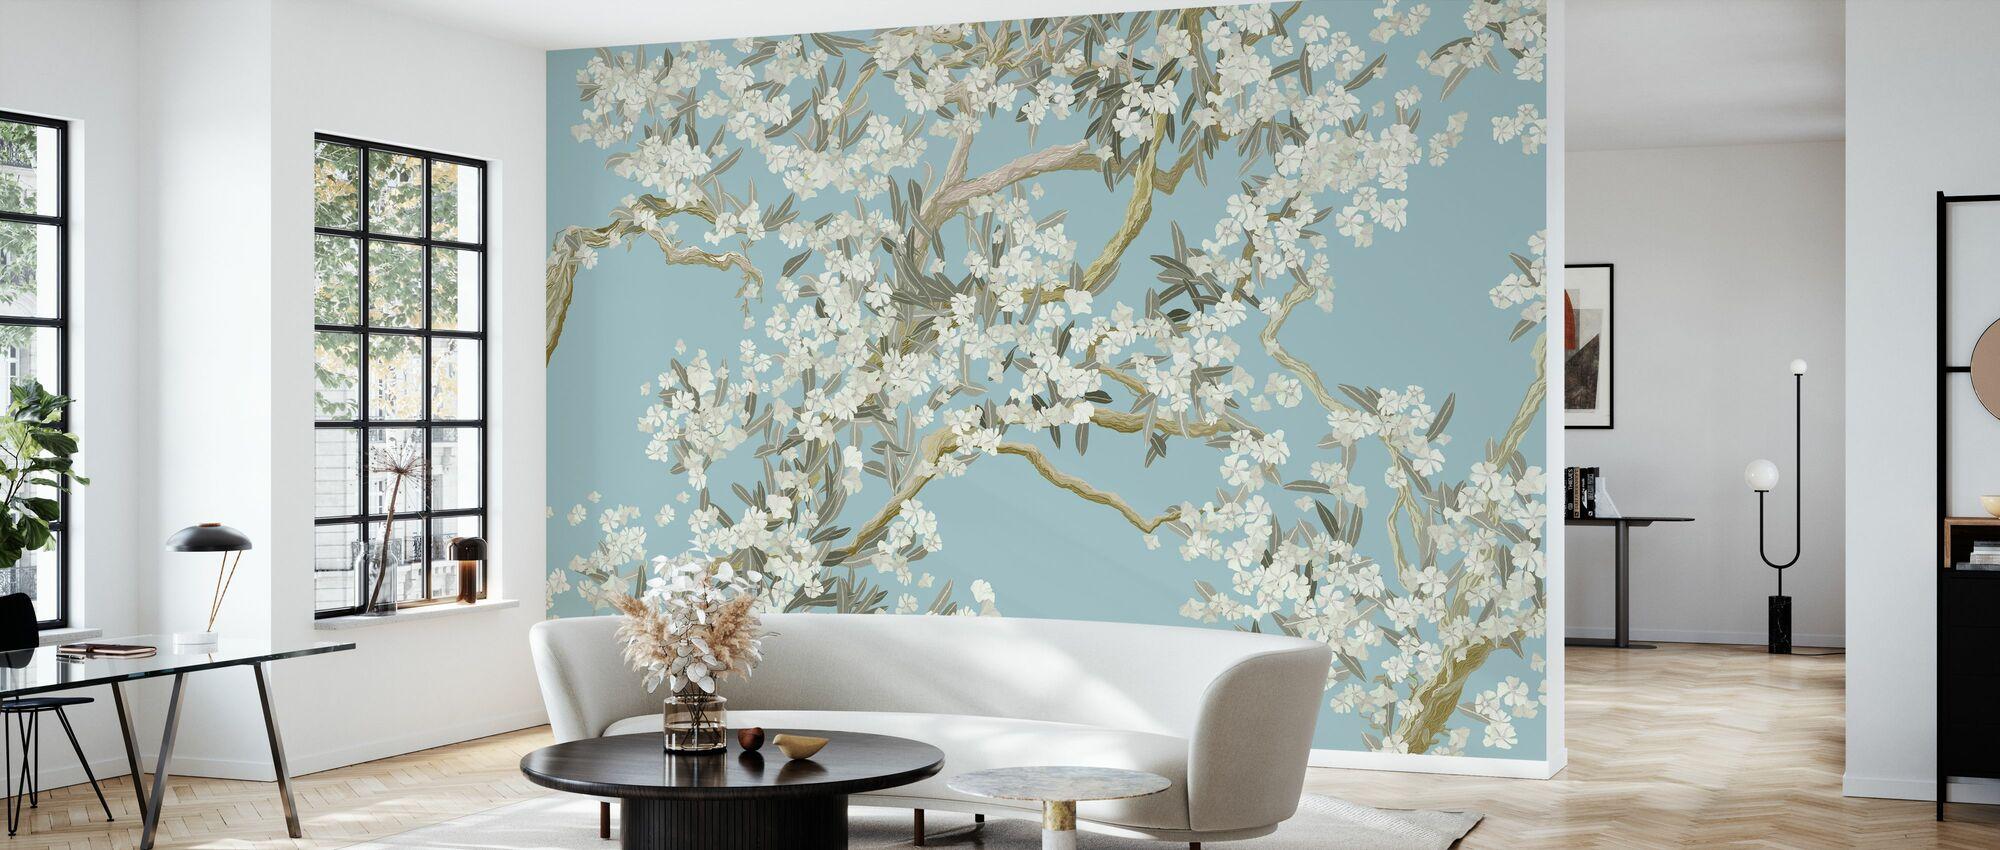 Full Bloom - Blue - Wallpaper - Living Room